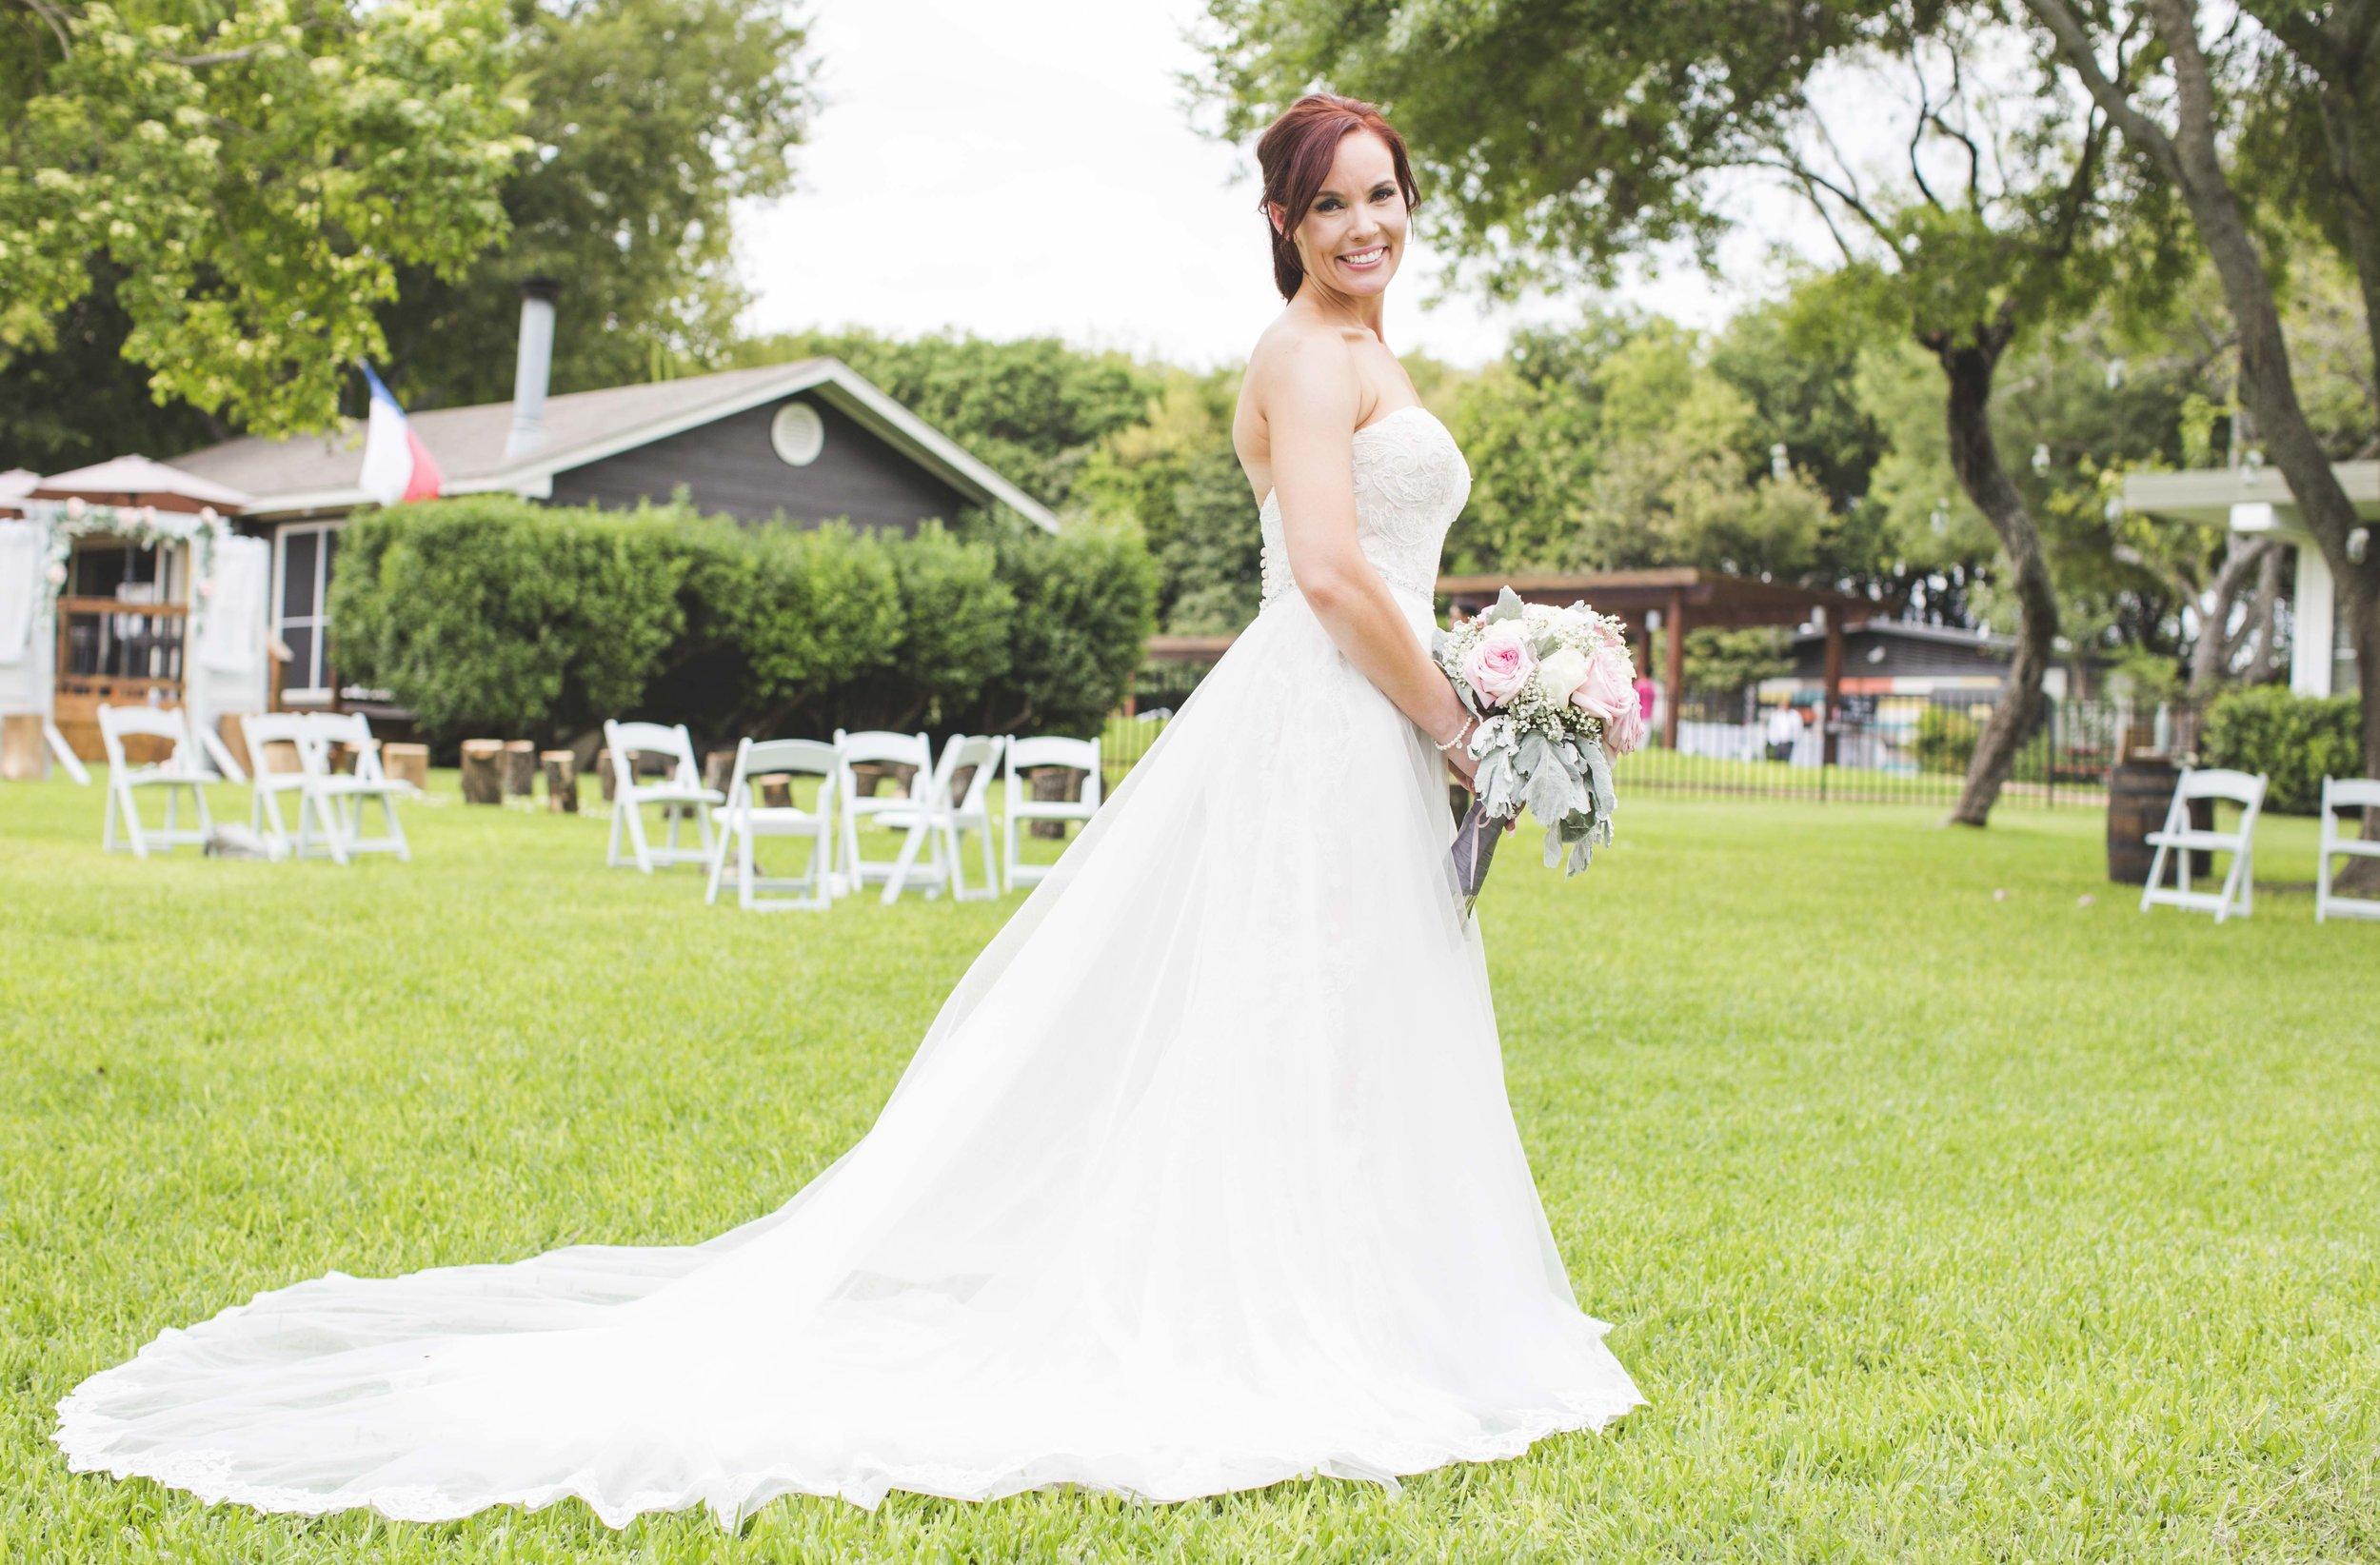 ATGI_Susanna & Matt Wedding_717A8400.jpg